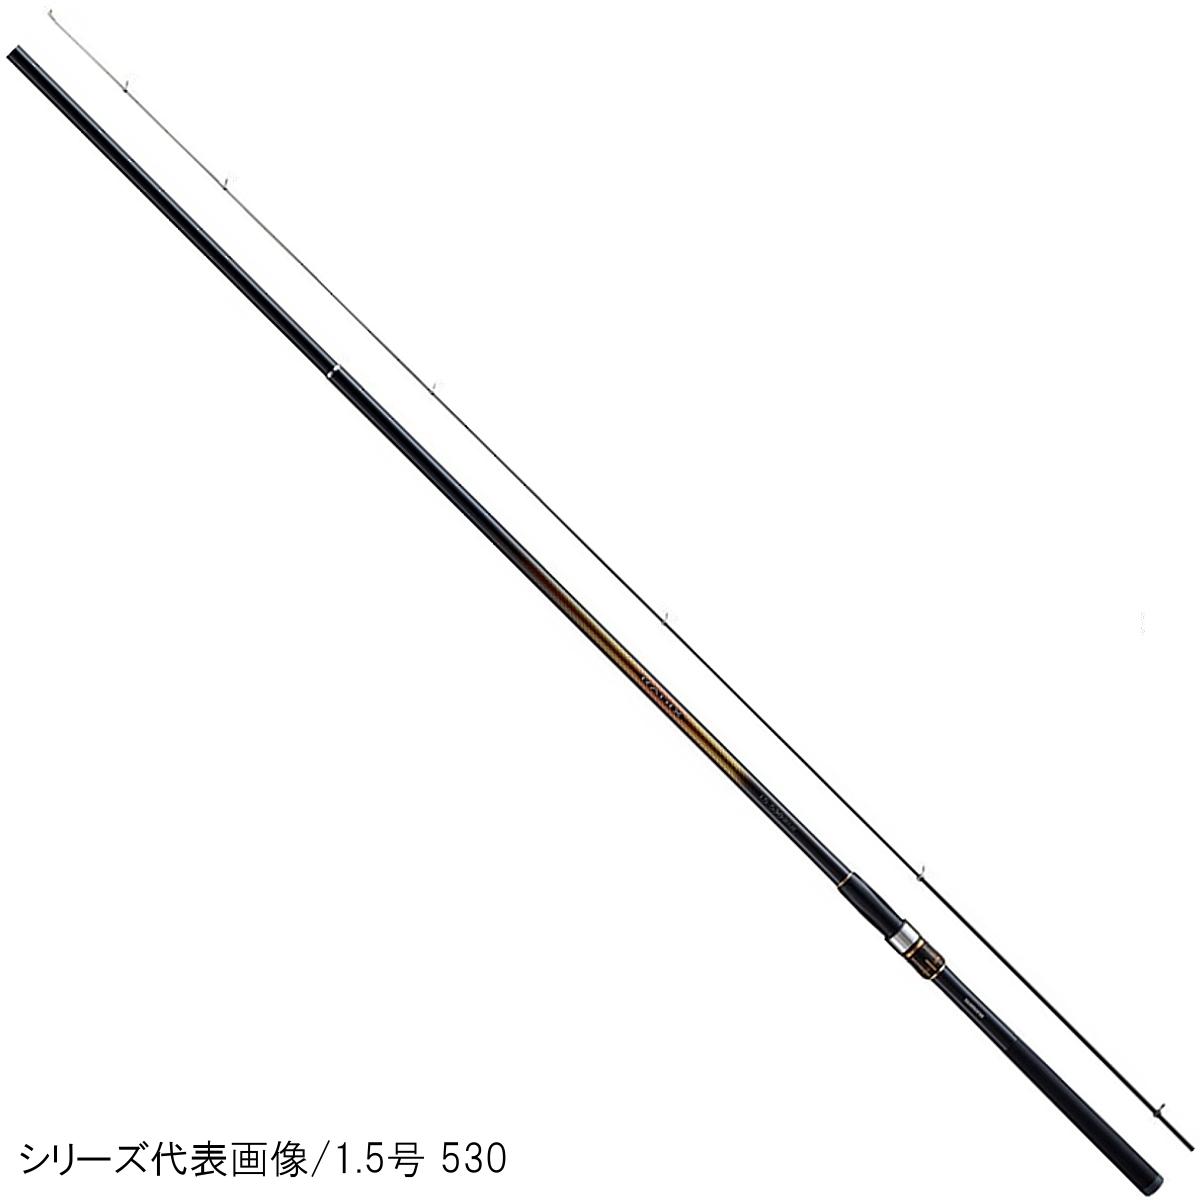 シマノ ラディックス 2号 530